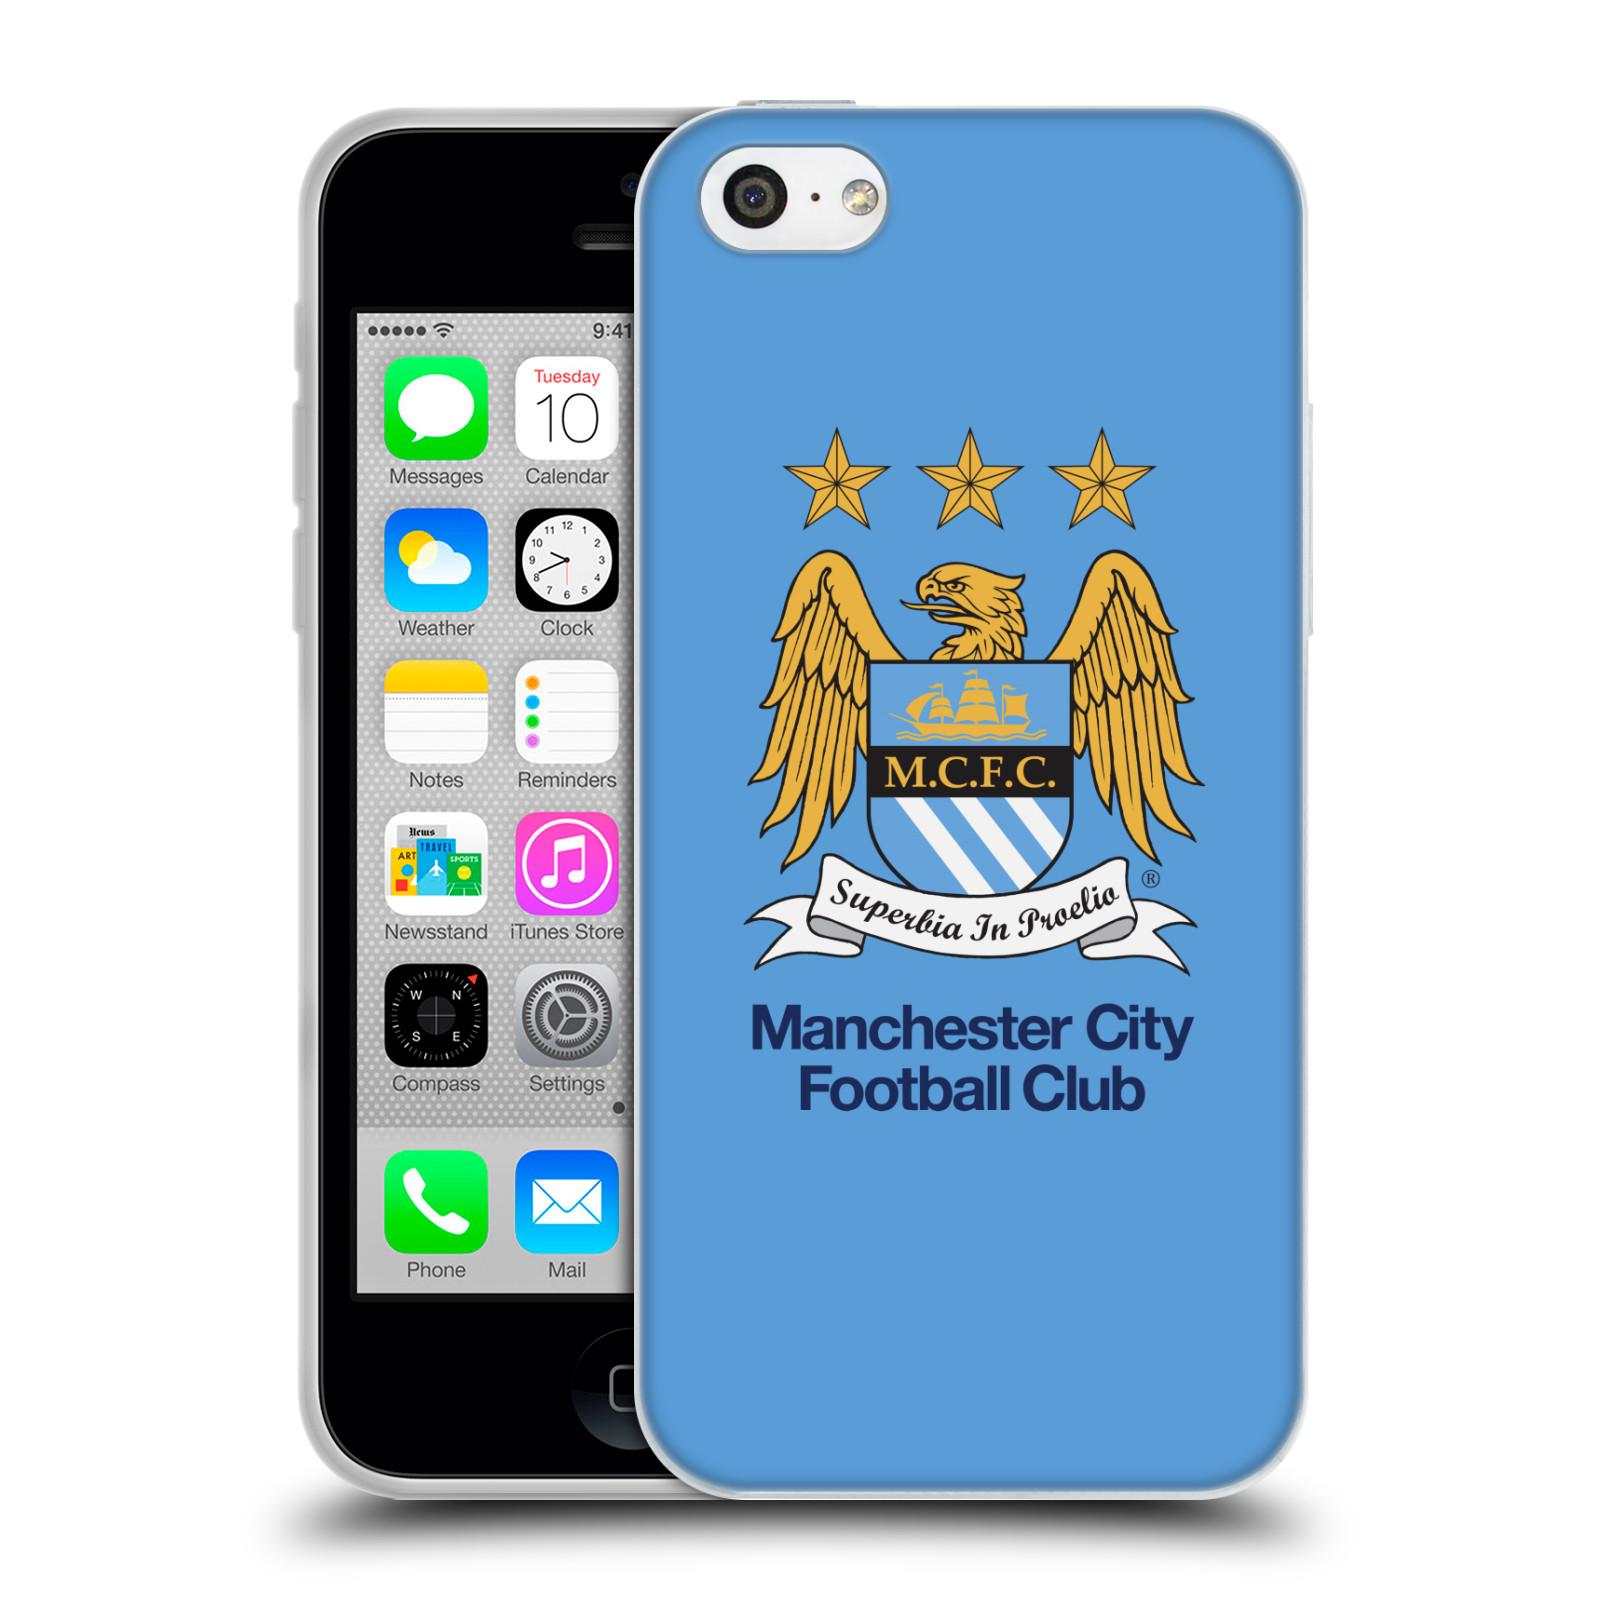 HEAD CASE silikonový obal na mobil Apple Iphone 5C Fotbalový klub Manchester City nebesky modrá pozadí velký znak pták